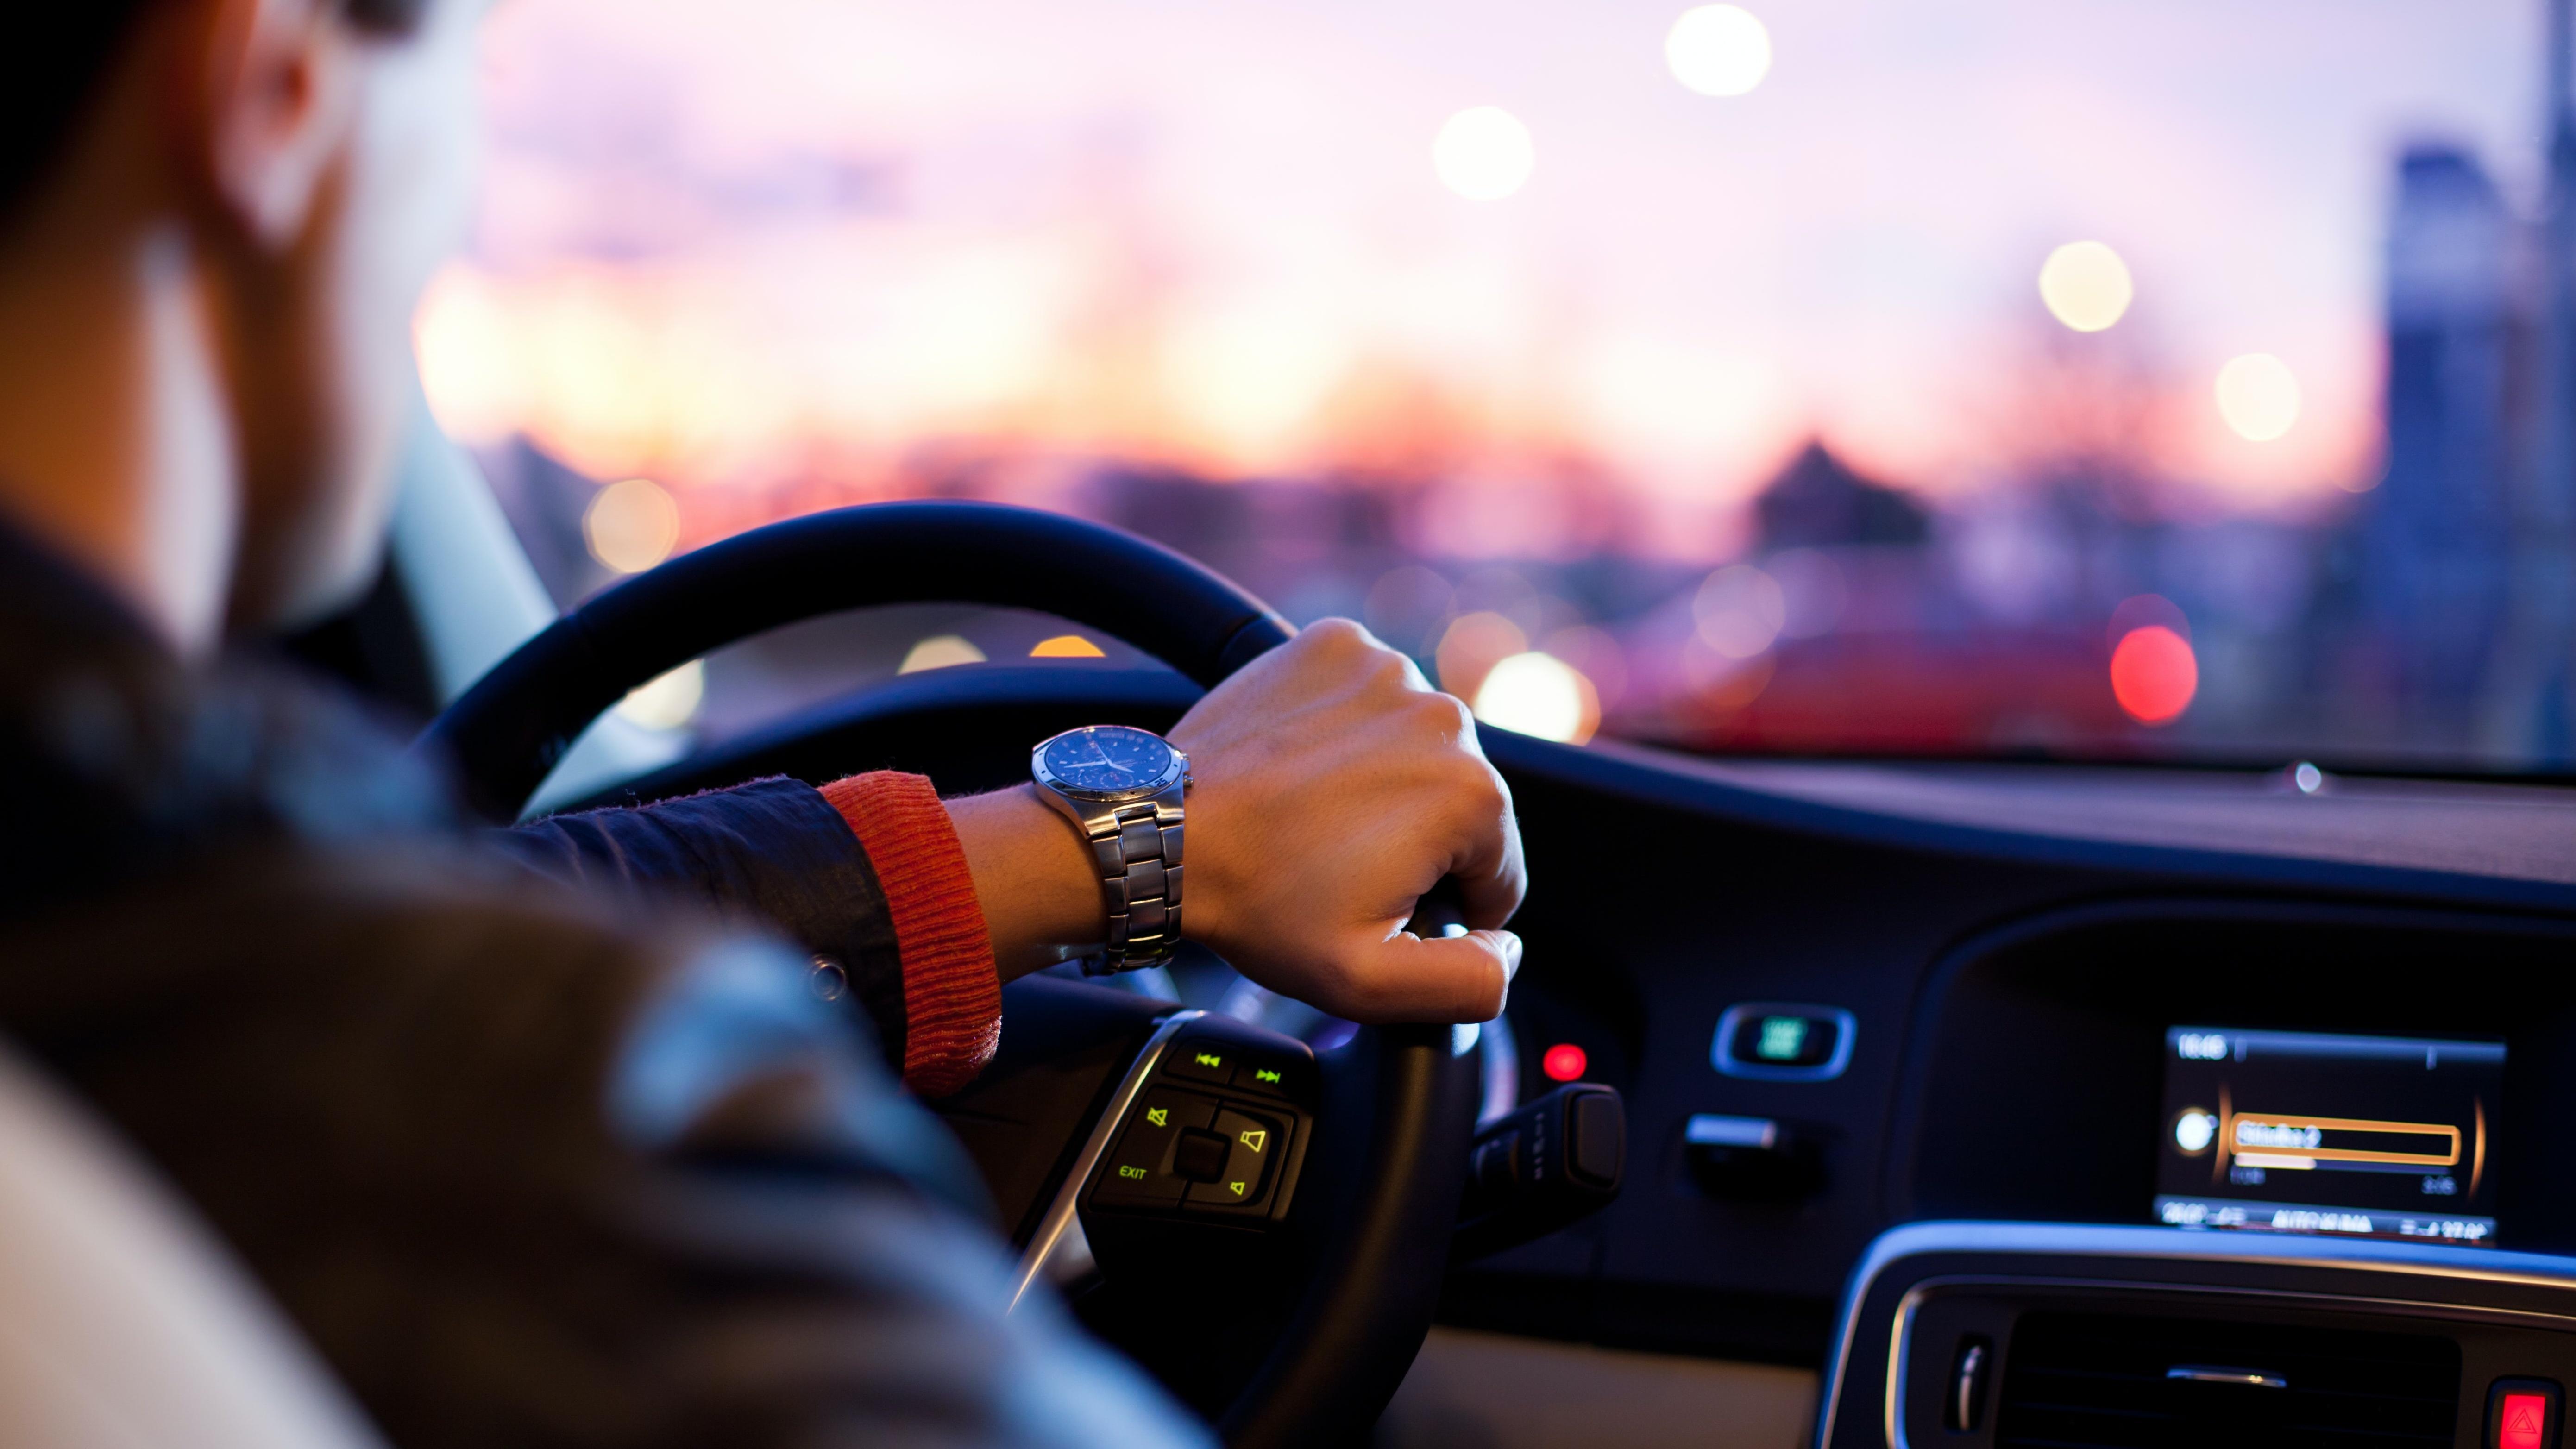 Abstand nicht eingehalten: Das müssen Autofahrer wissen